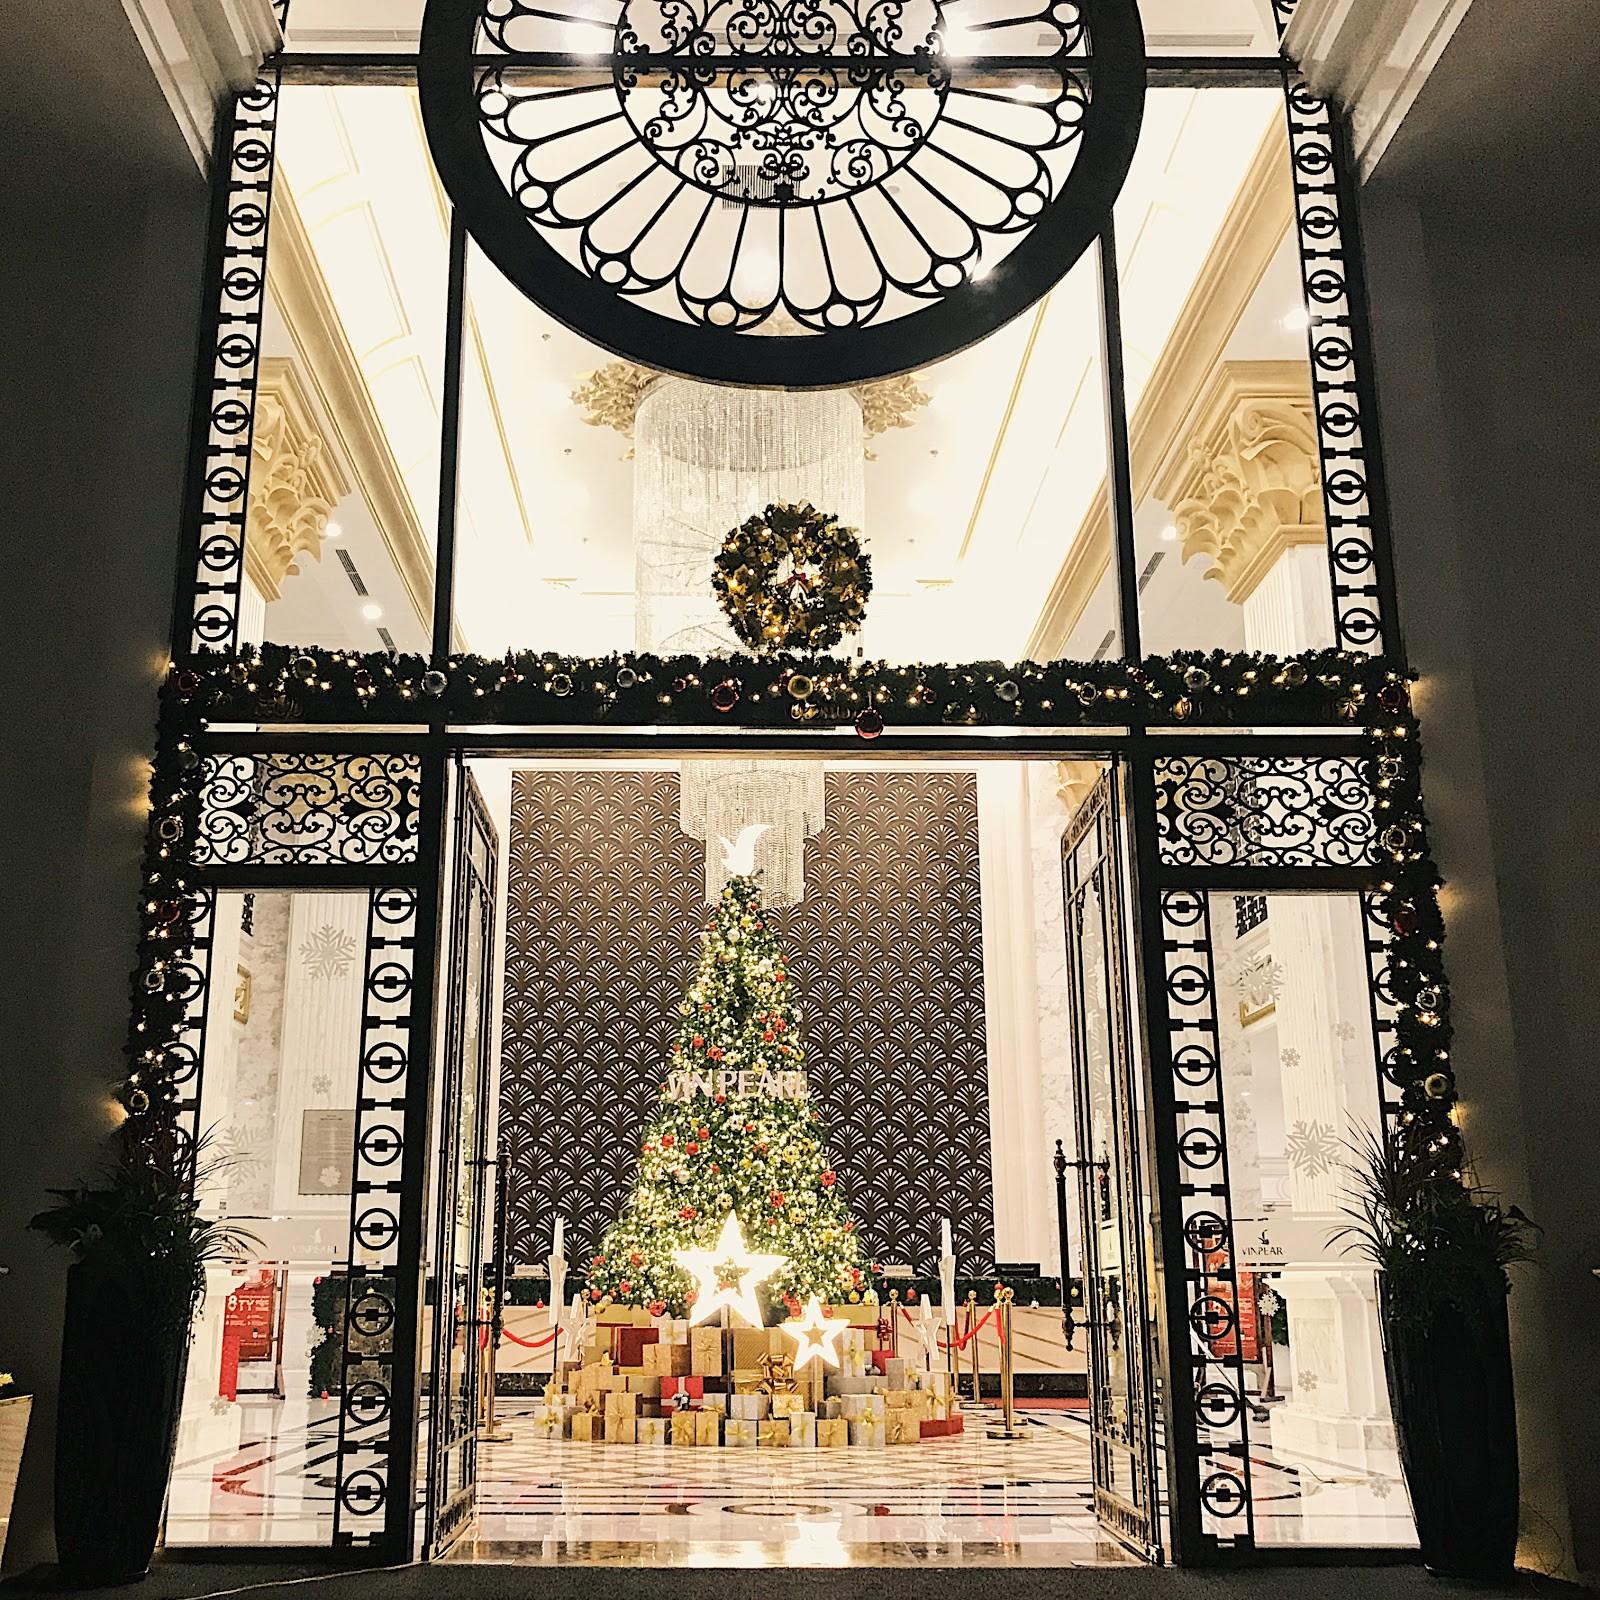 Không gian chuẩn mùa lễ hội của Vinpearl Hotels: Góc nào cũng lung linh, đã vậy còn được thưởng thức bữa tối với view ngàn sao! - Ảnh 5.